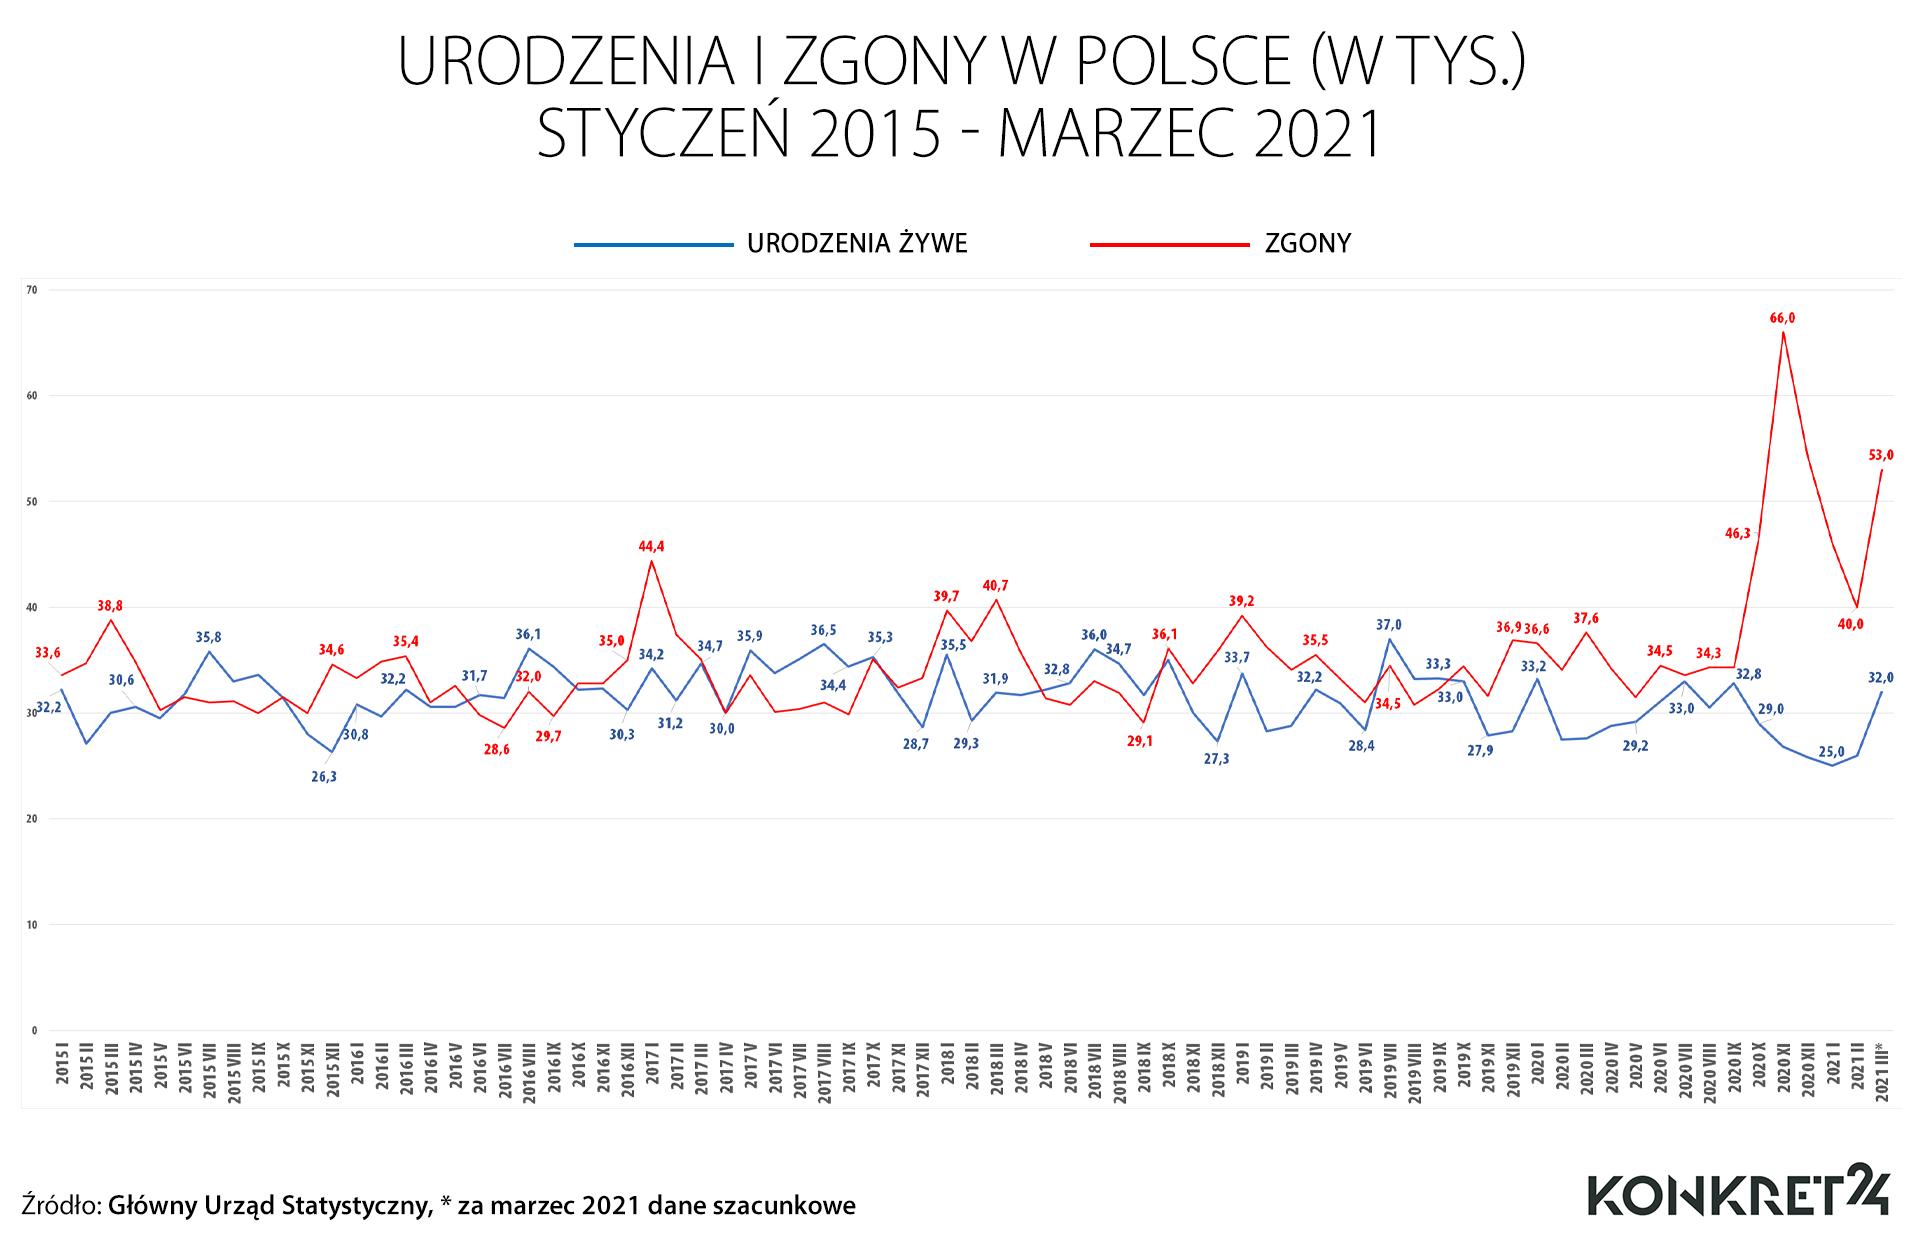 Urodzenia i zgony w Polsce (styczeń 2015 - marzec 2021)